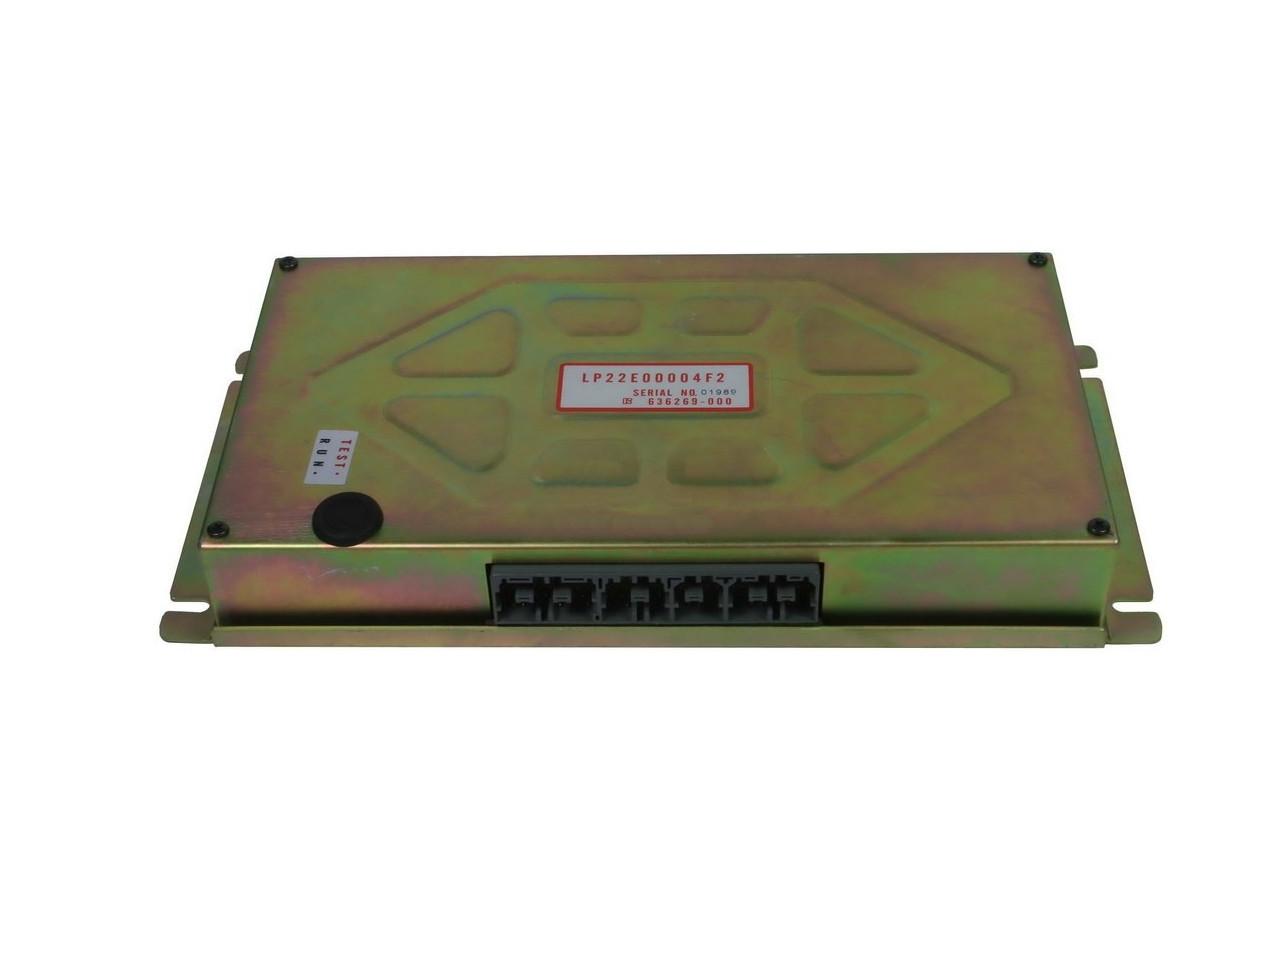 Контроллер LP22E00004F2